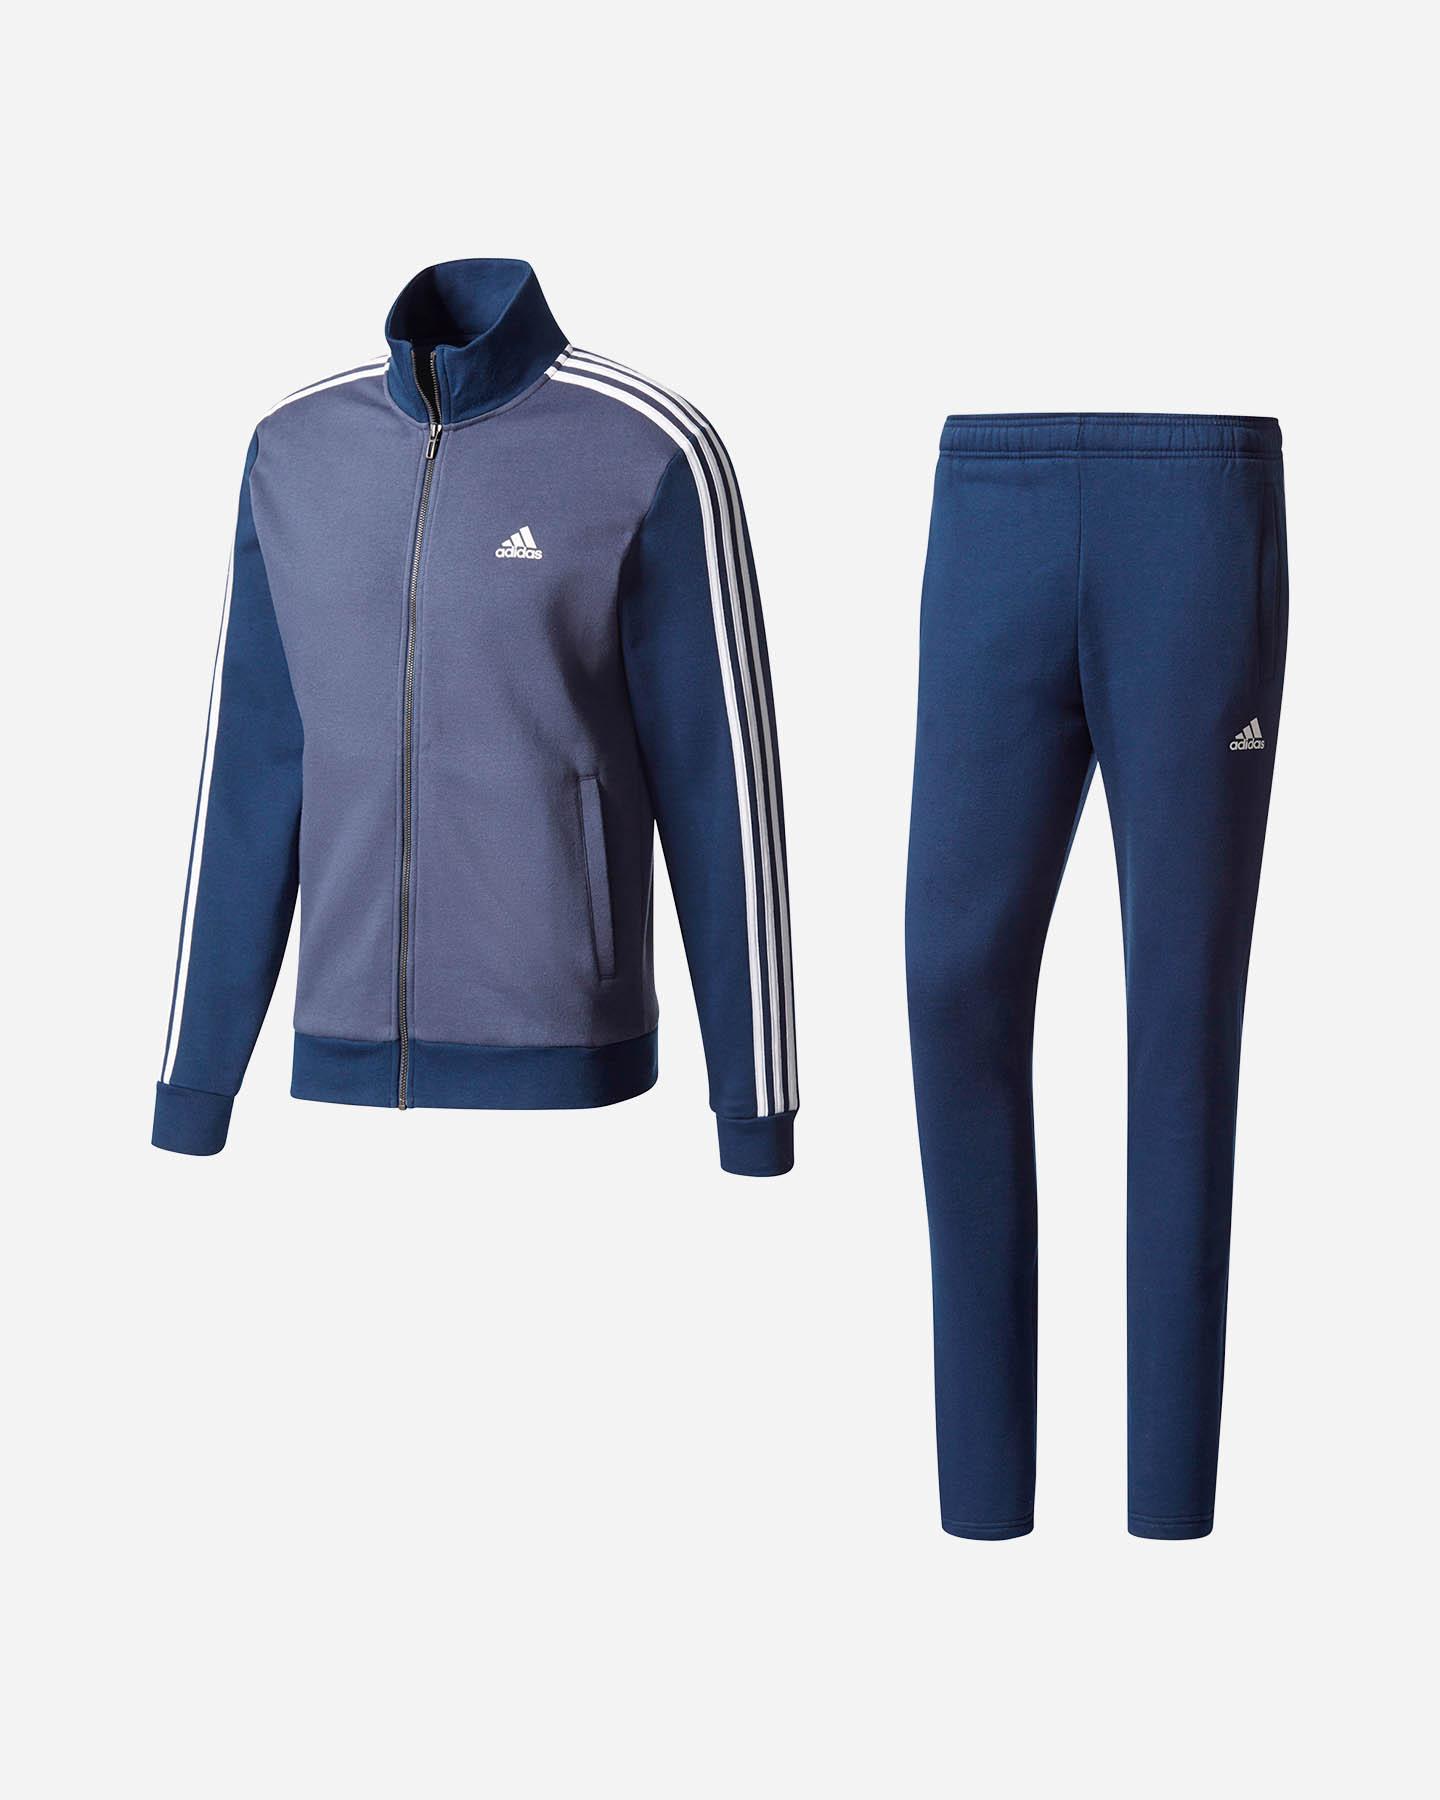 Tuta Adidas Uomo Prezzi Bassi | Abbigliamento Adidas Online